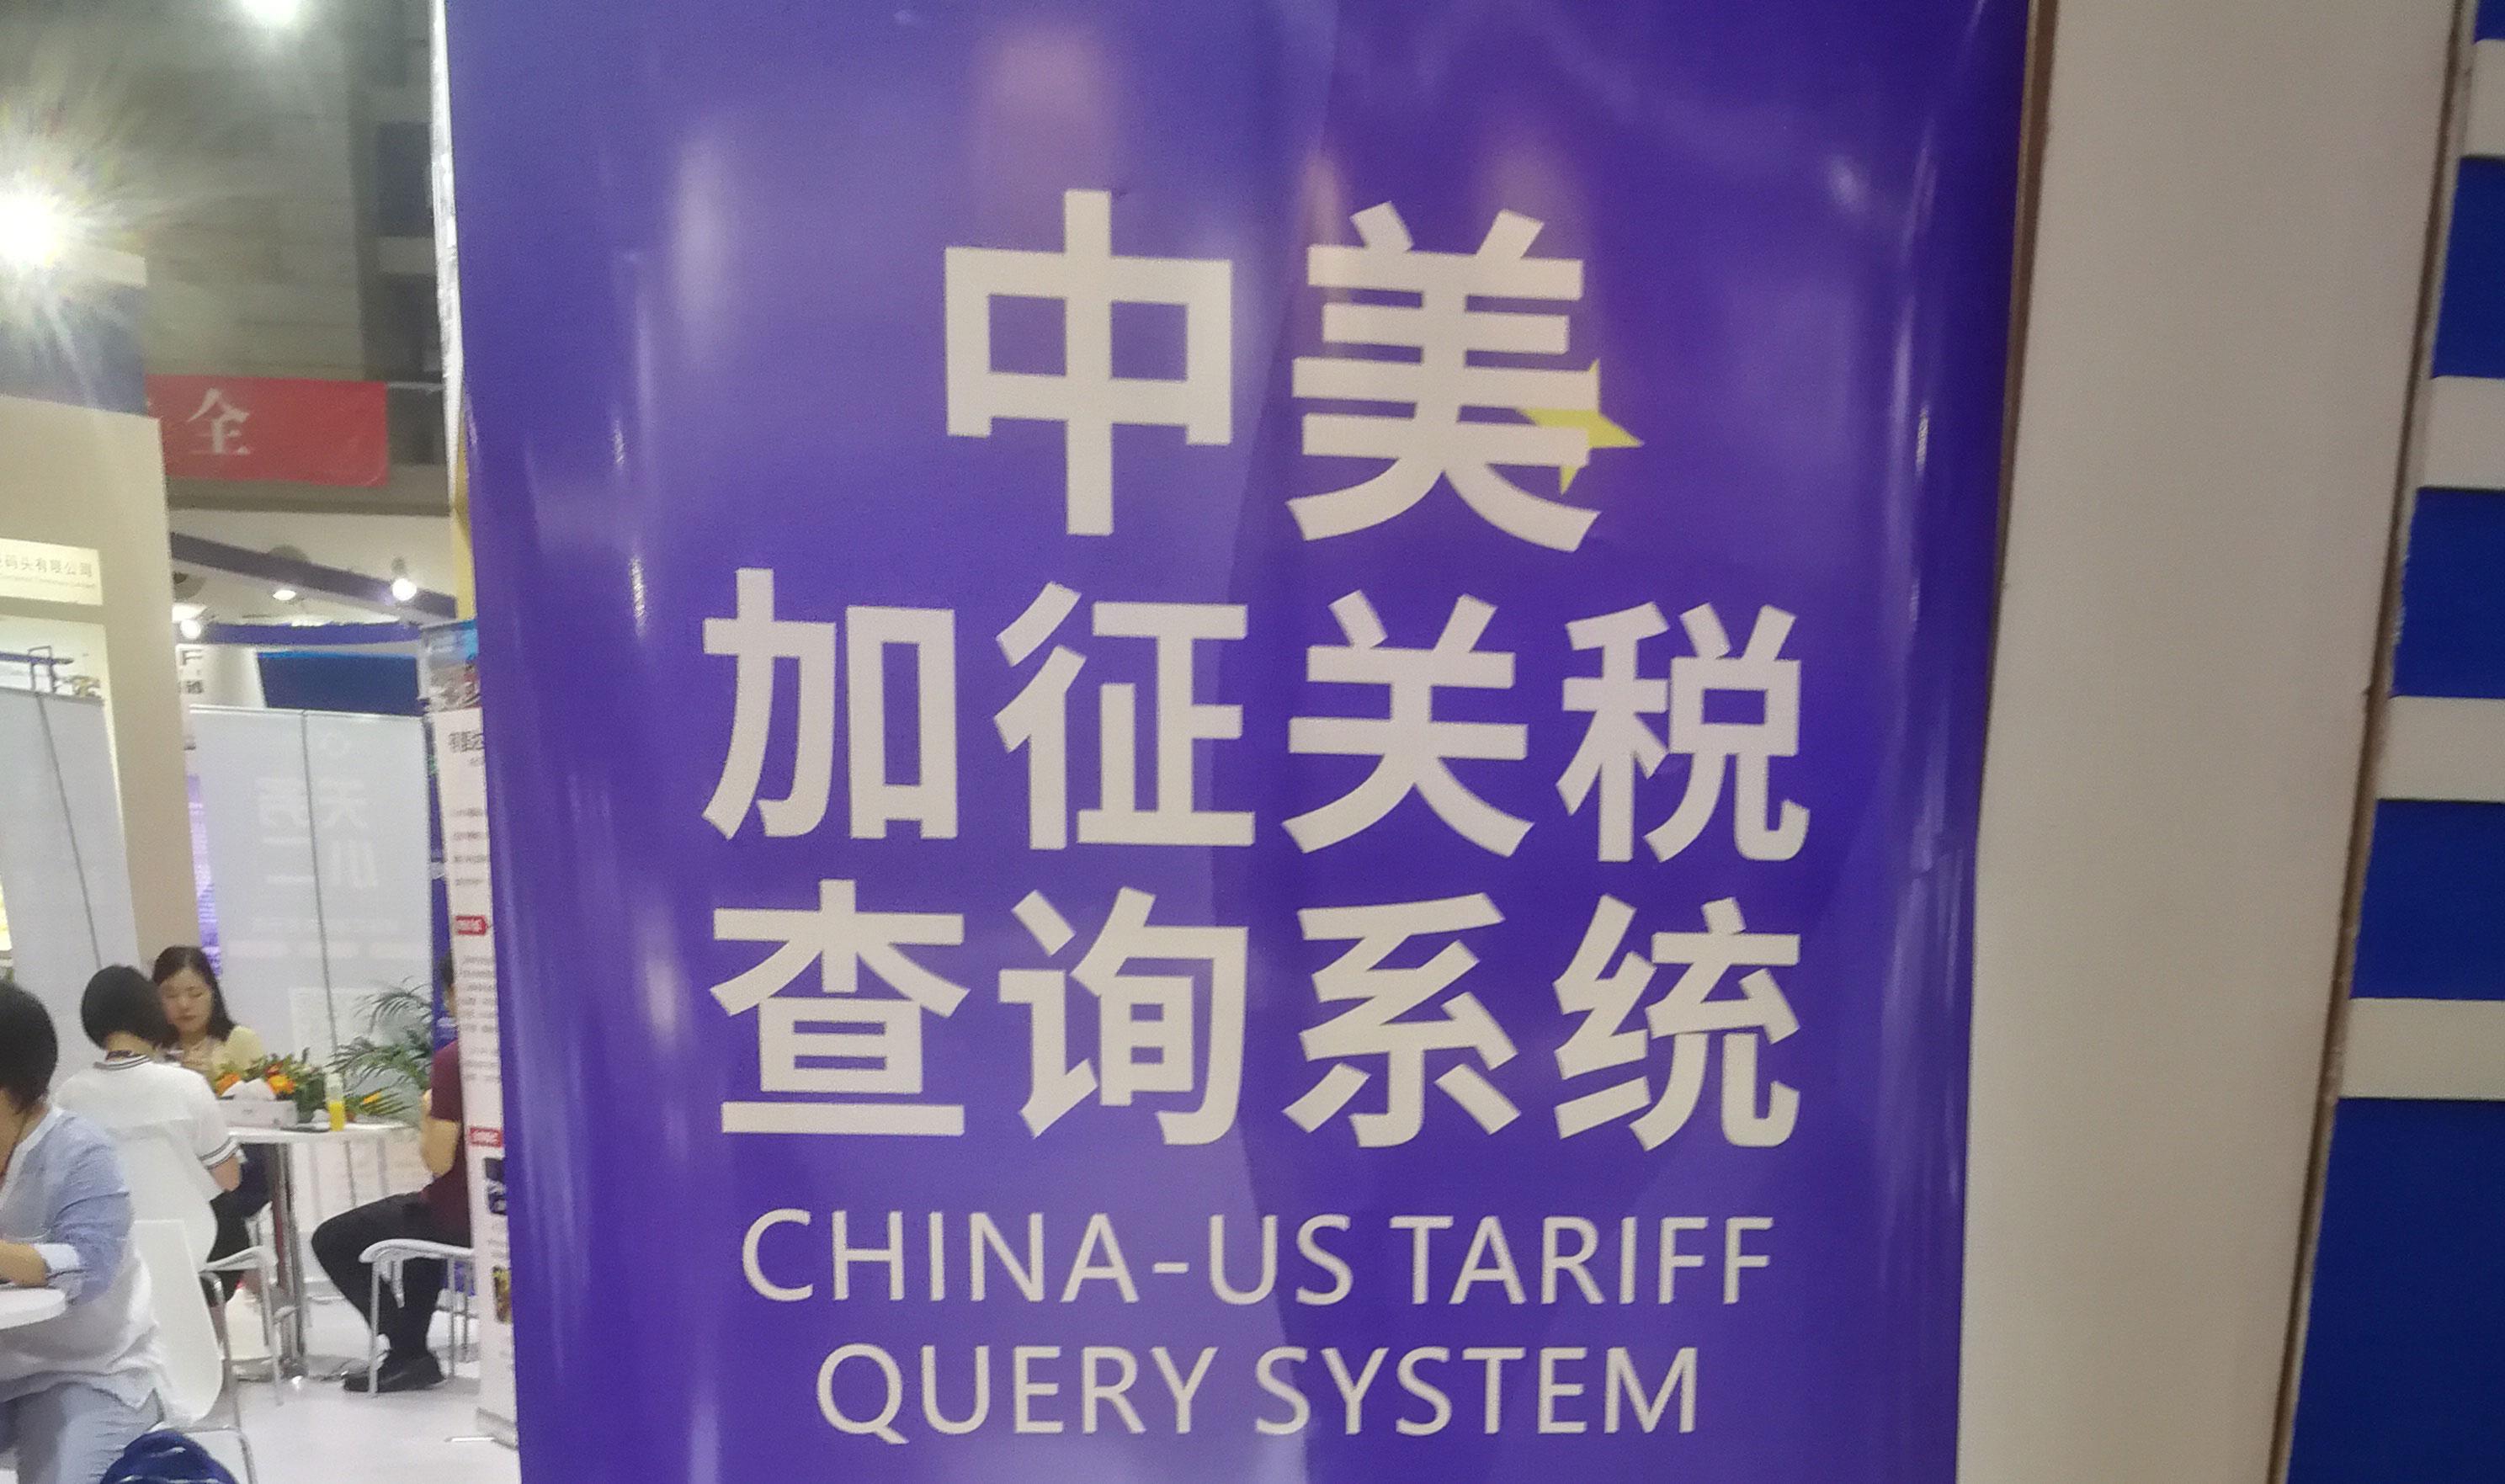 美国加征关税查询系统